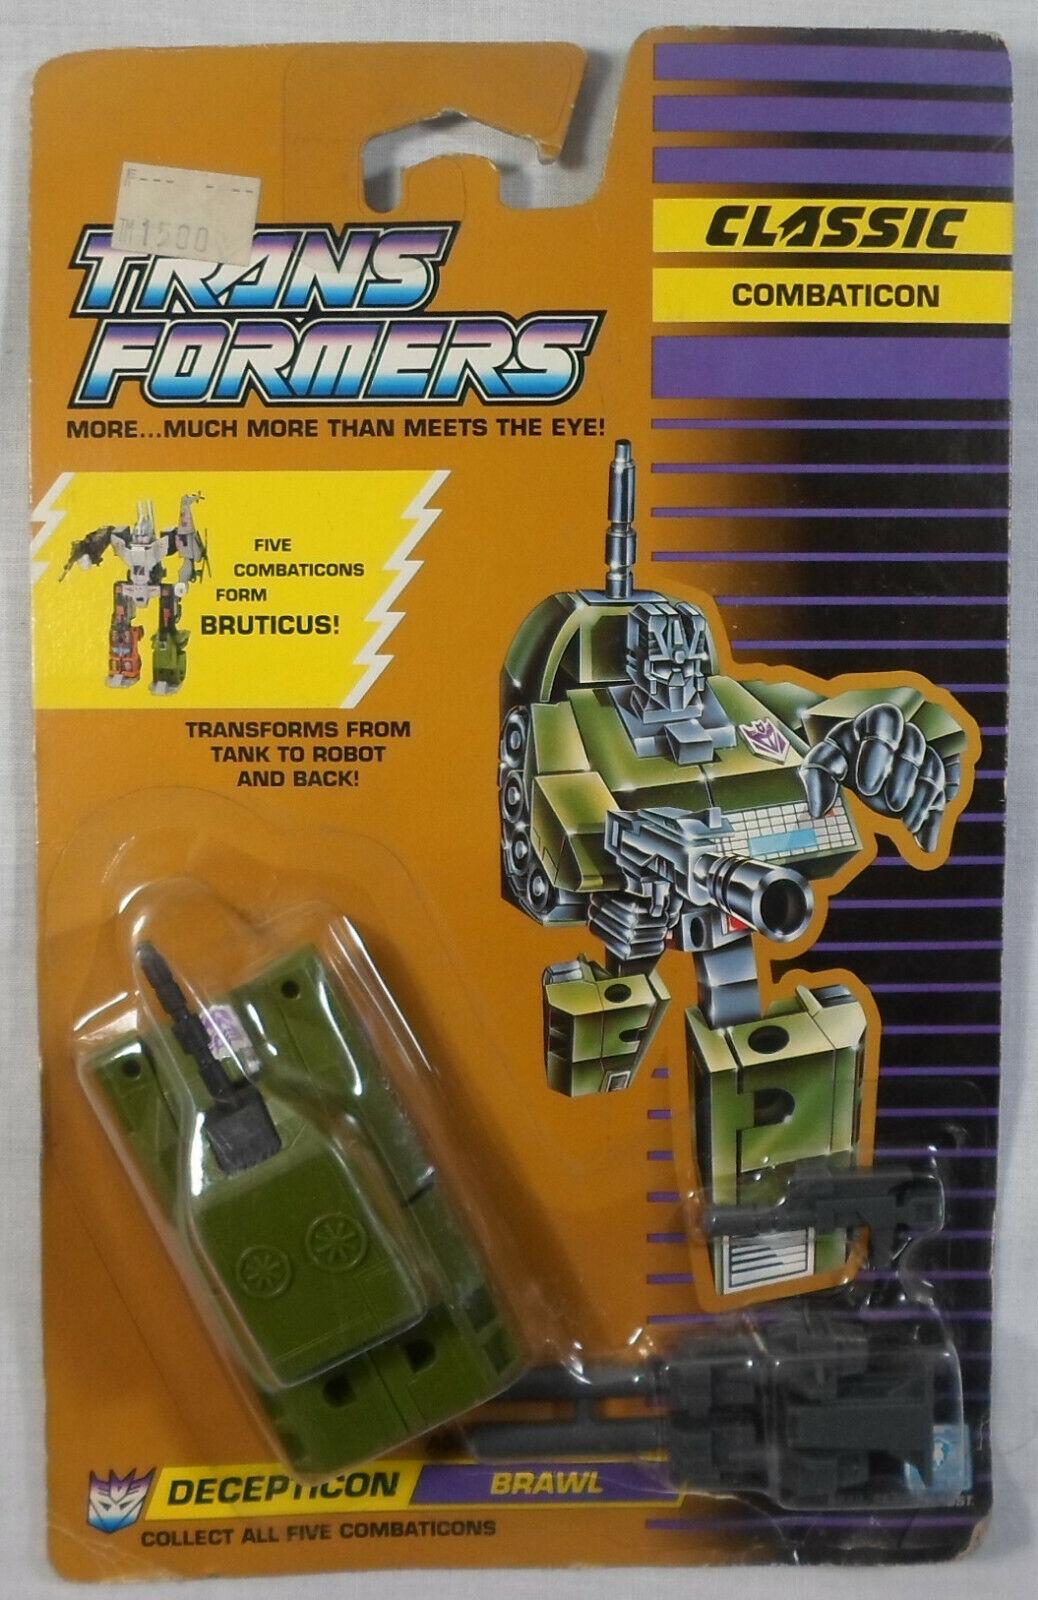 Envío rápido y el mejor servicio Transformers G1 1990 Classics Combaticon Brawl Bruticus Hasbro Hasbro Hasbro reino unido europeo en perfecto estado en Cochetón sellado  orden ahora disfrutar de gran descuento